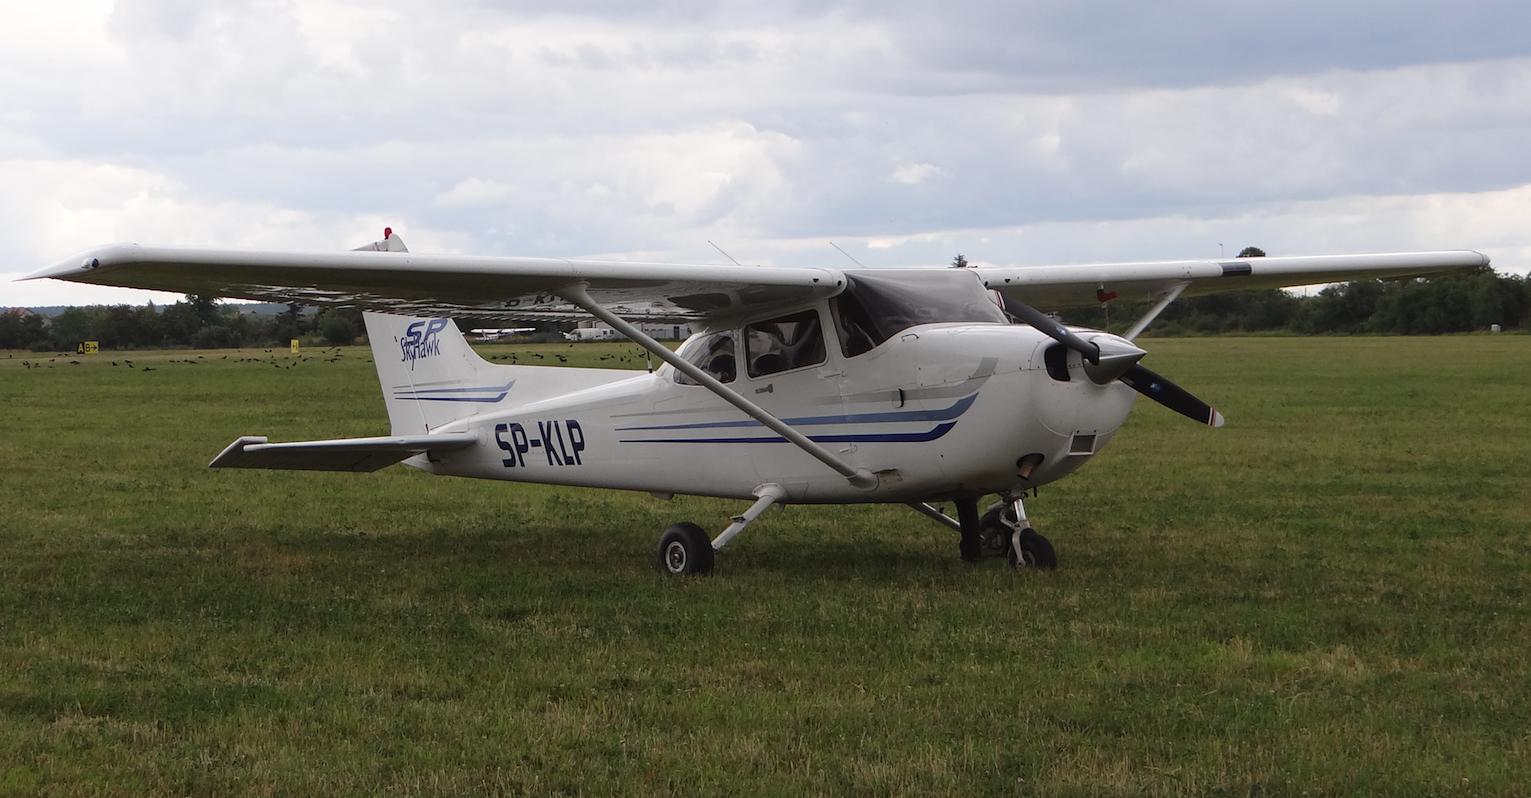 Lotnisko Piotrków Trybunalski. Cessna 172 S na polu wzlotów. 2018 rok. Zdjęcie Karol Placha Hetman